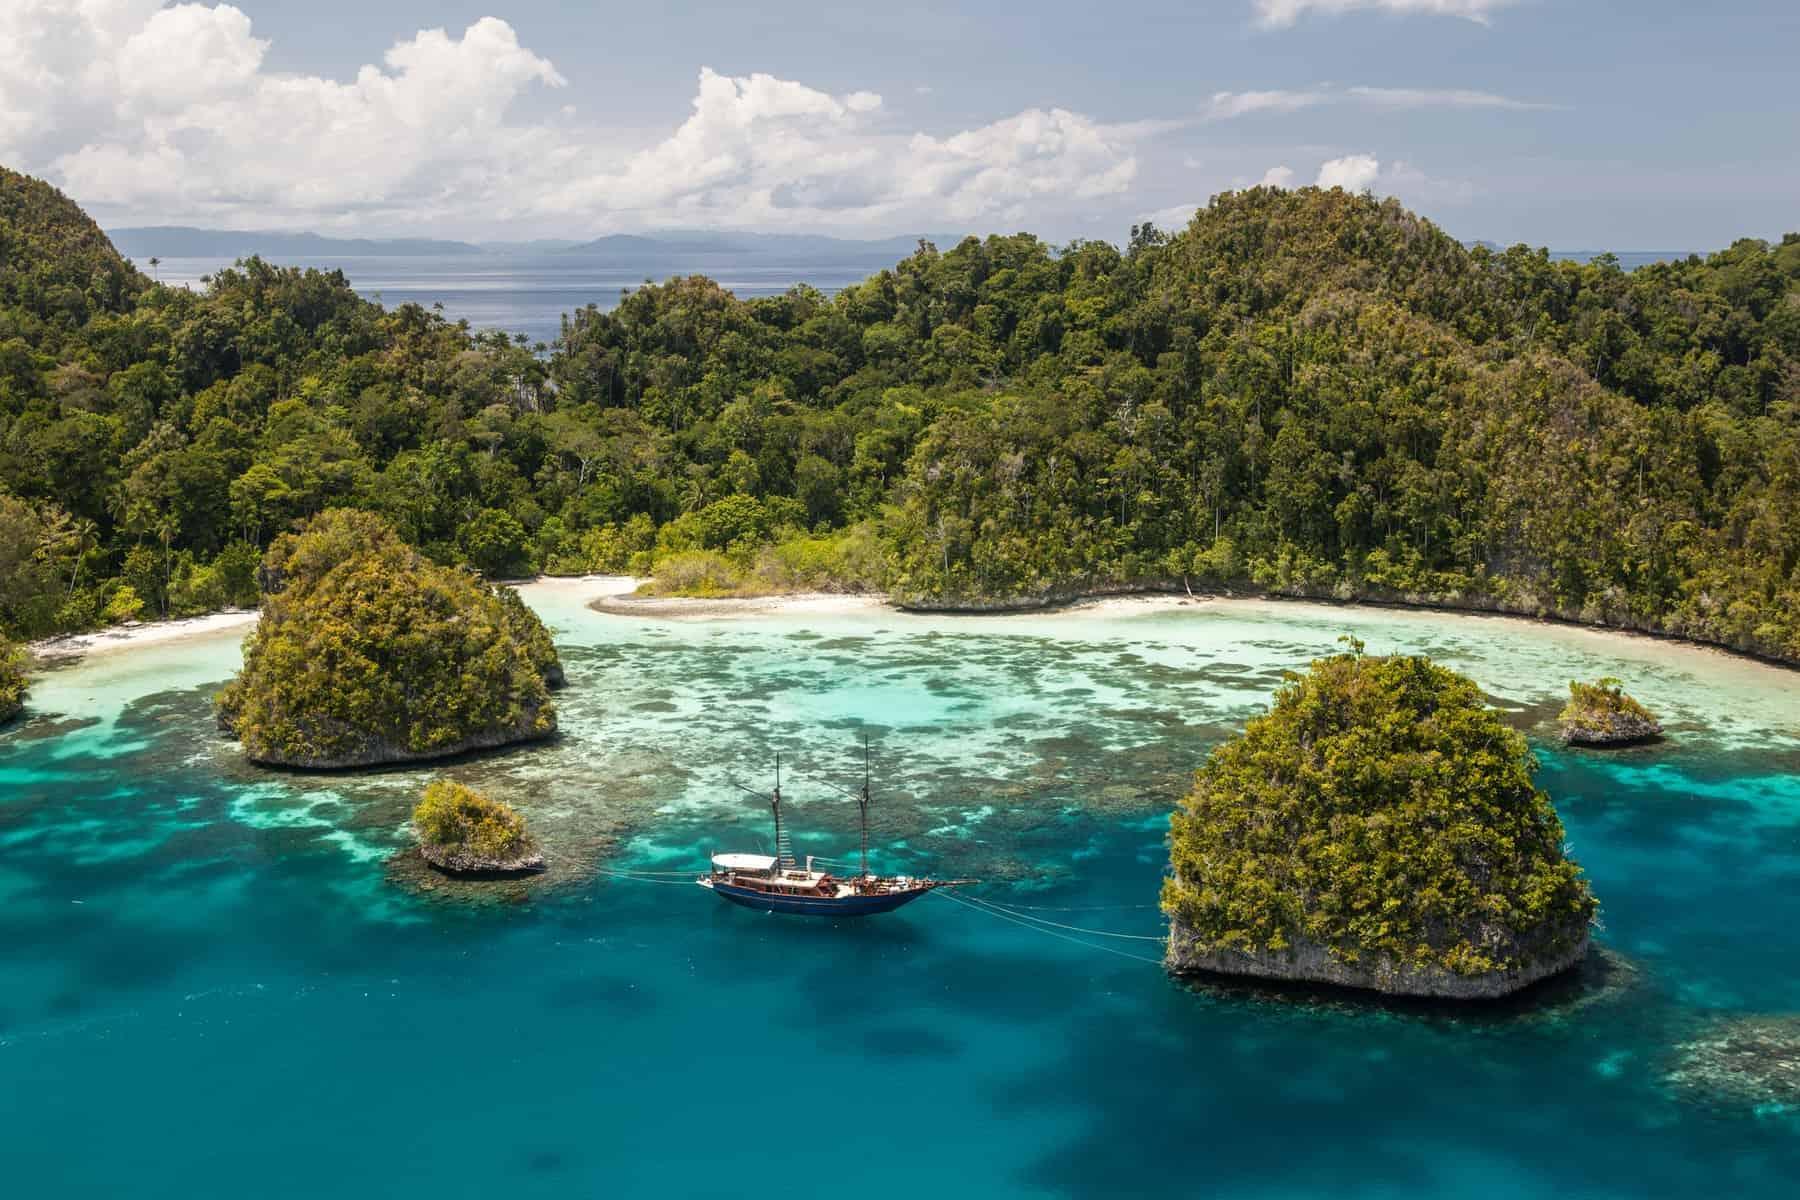 Papua New Guinea, Raja Ampat omgivet af kalkholdige klipper i havet